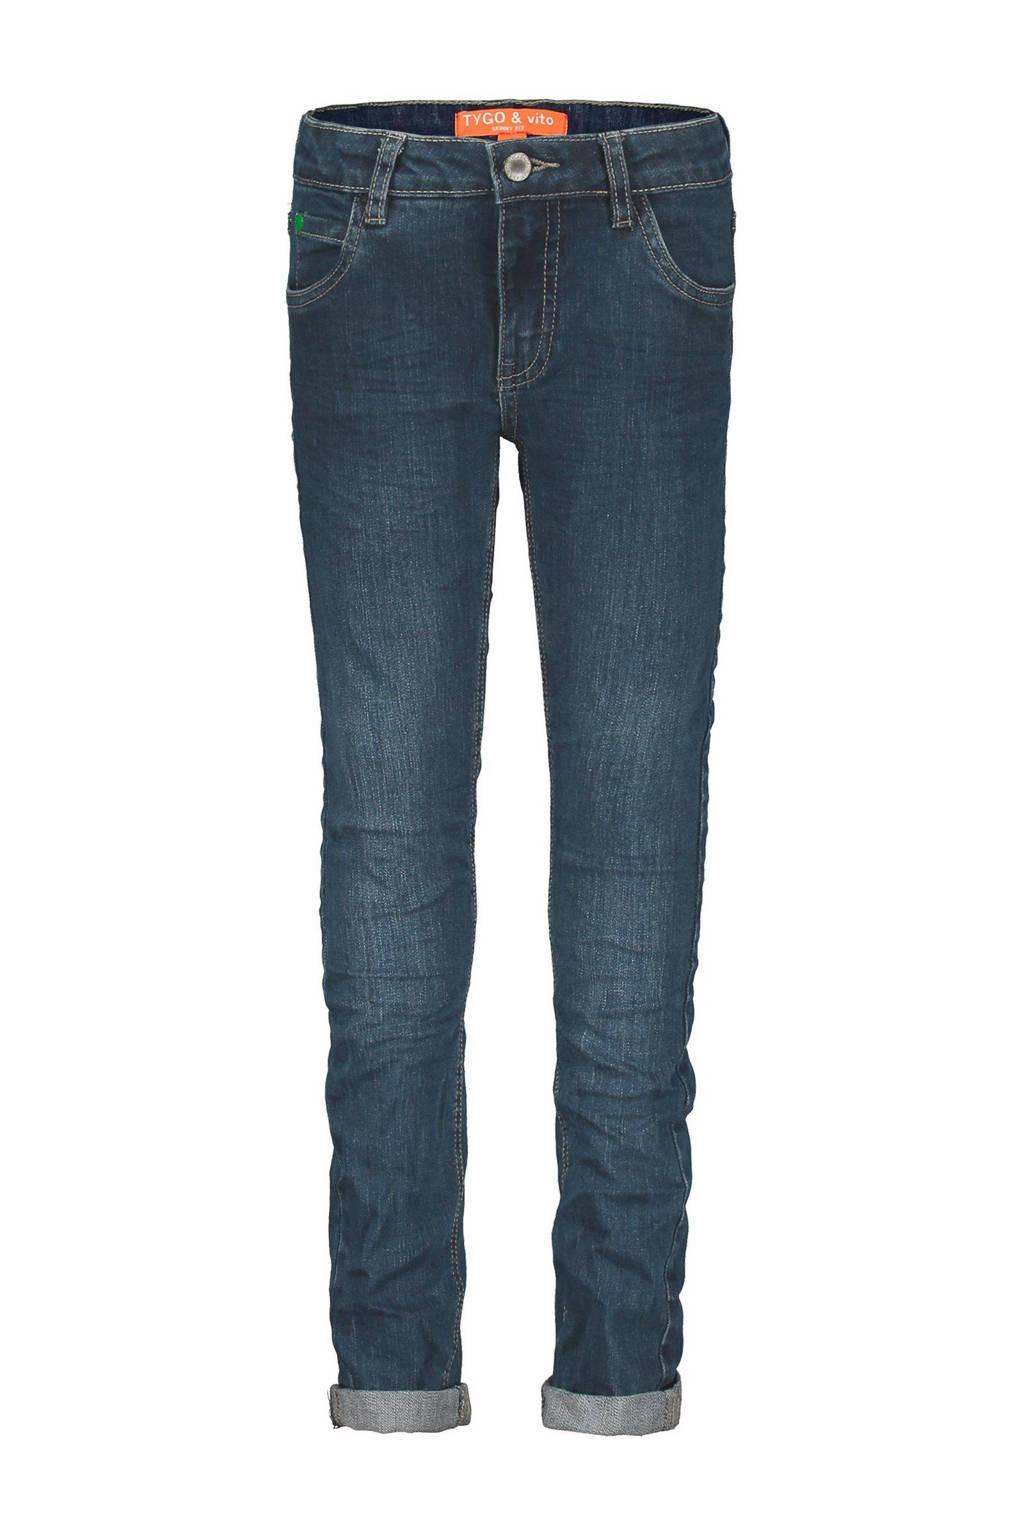 TYGO & vito skinny jeans stonewashed, Stonewashed